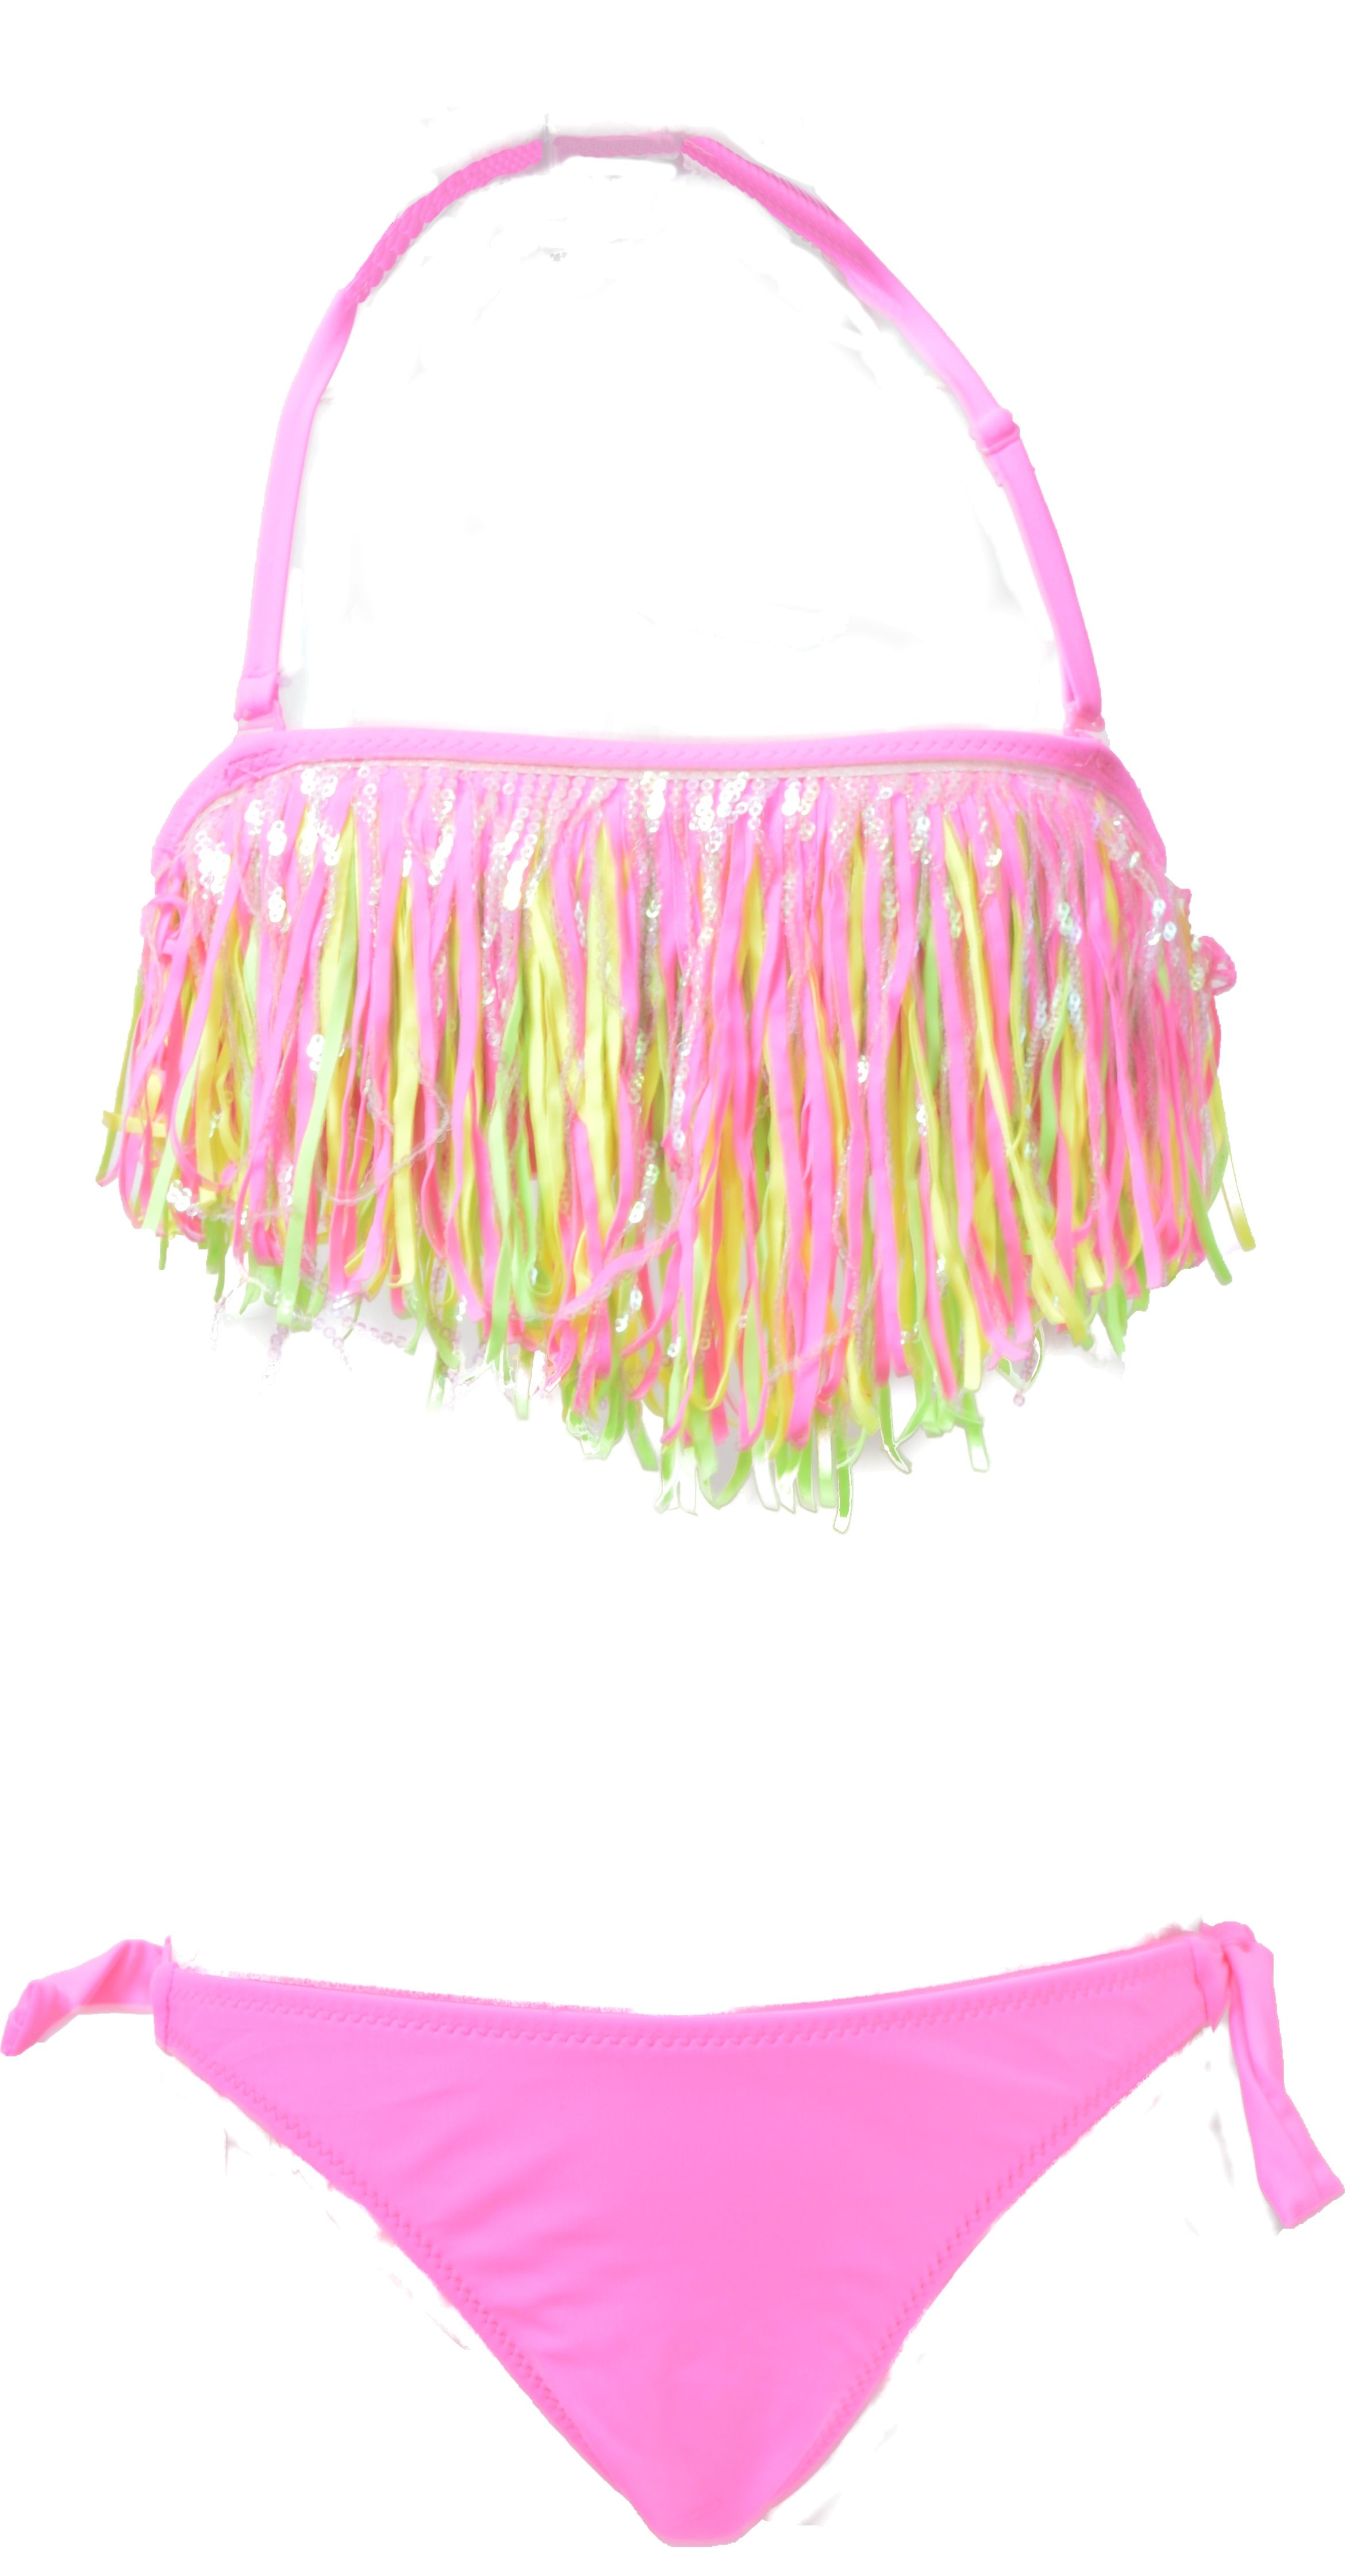 Fringe meisjes bikini in felle kleuren - Felle kleuren ...